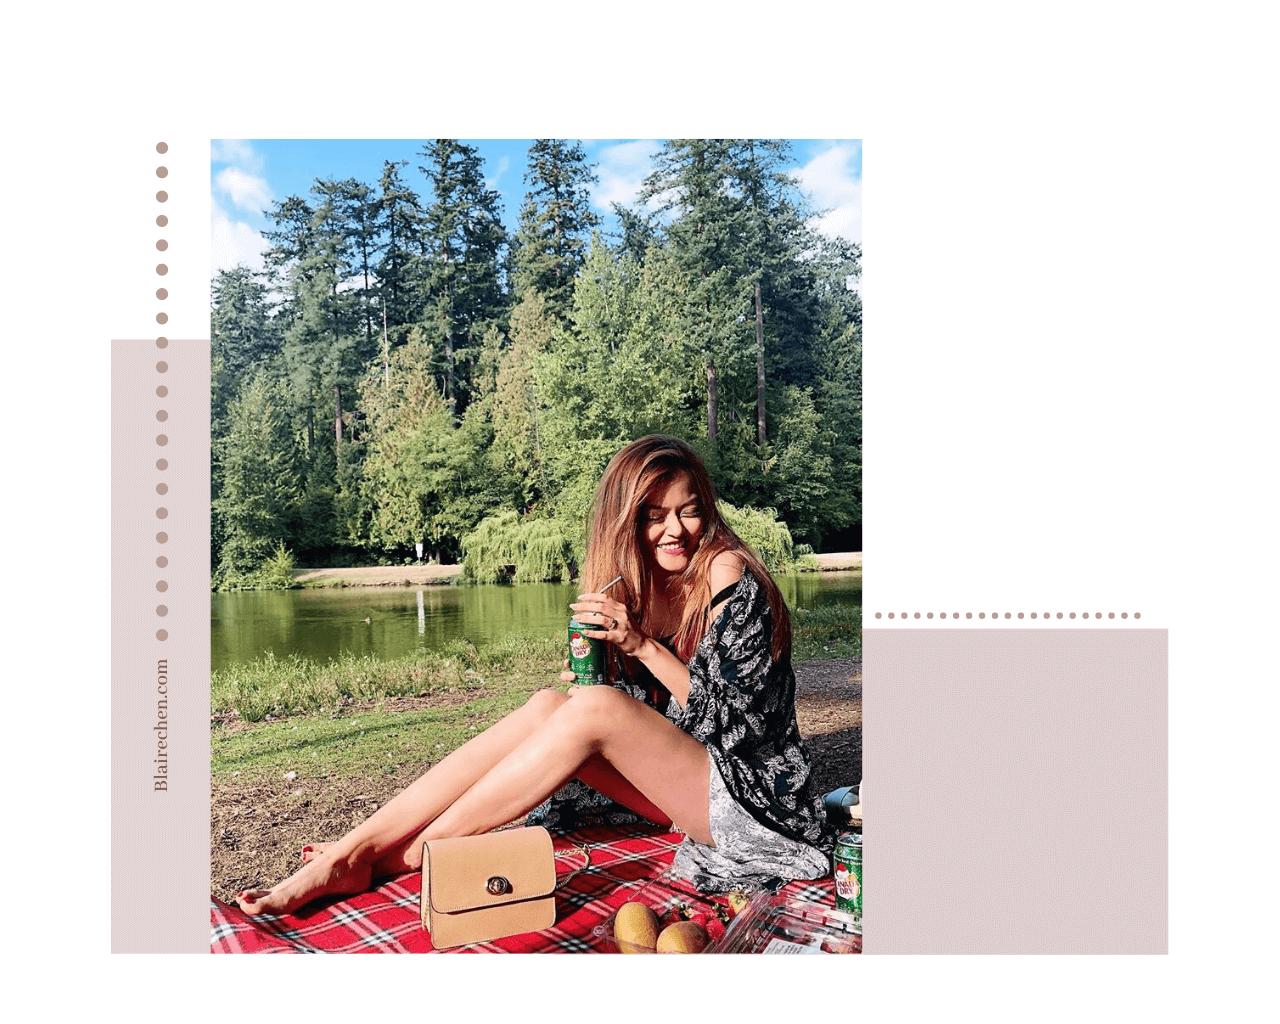 【戶外活動推薦】|走出戶外,享受大自然美景,增強體力,讓心保持平靜~